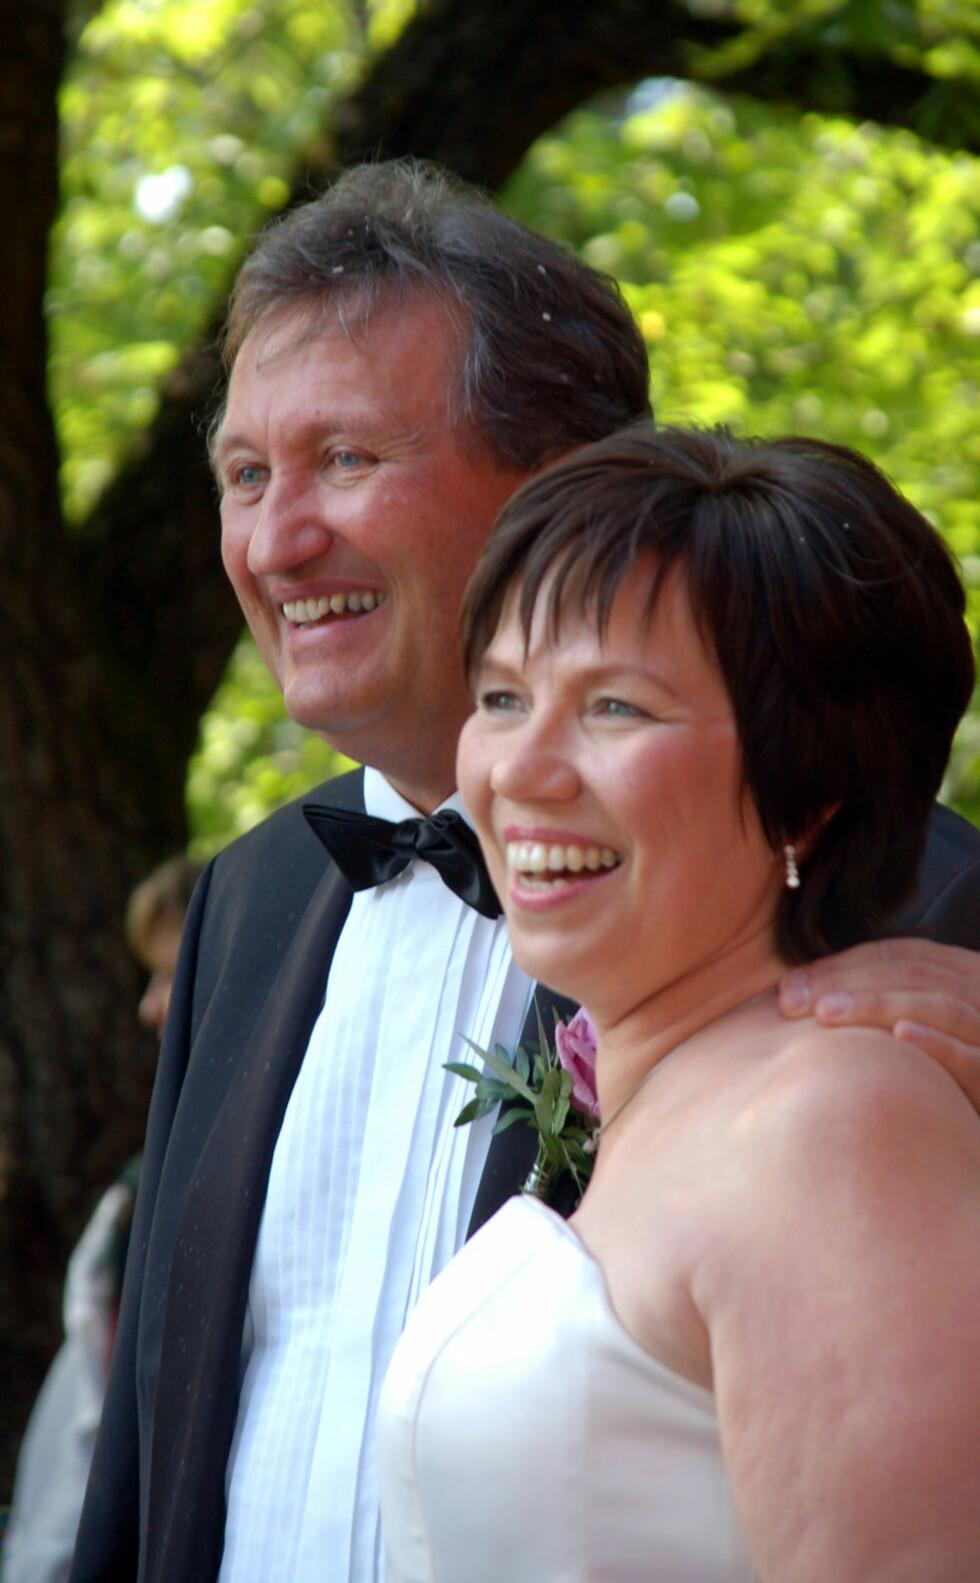 BEATES BAUTA: Tor Petter og Beate giftet seg i Ormøya kirke 22. august 2009. Hun beskriver ham som klippen i livet hennes.